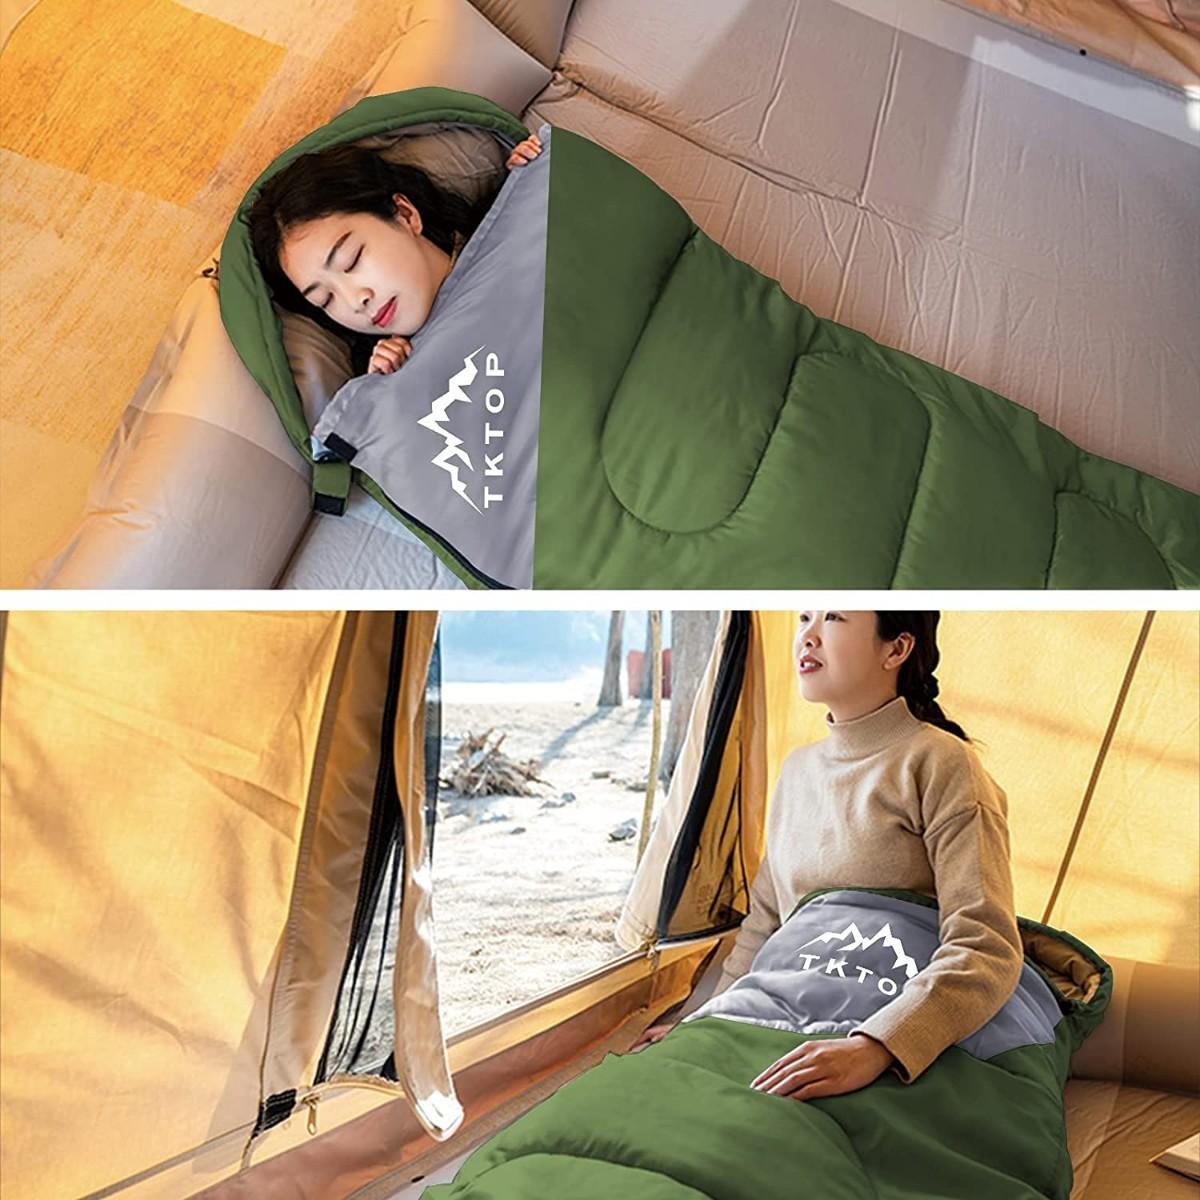 寝袋 封筒型 軽量 保温 210T防水シュラフ 収納パック付き 1kg